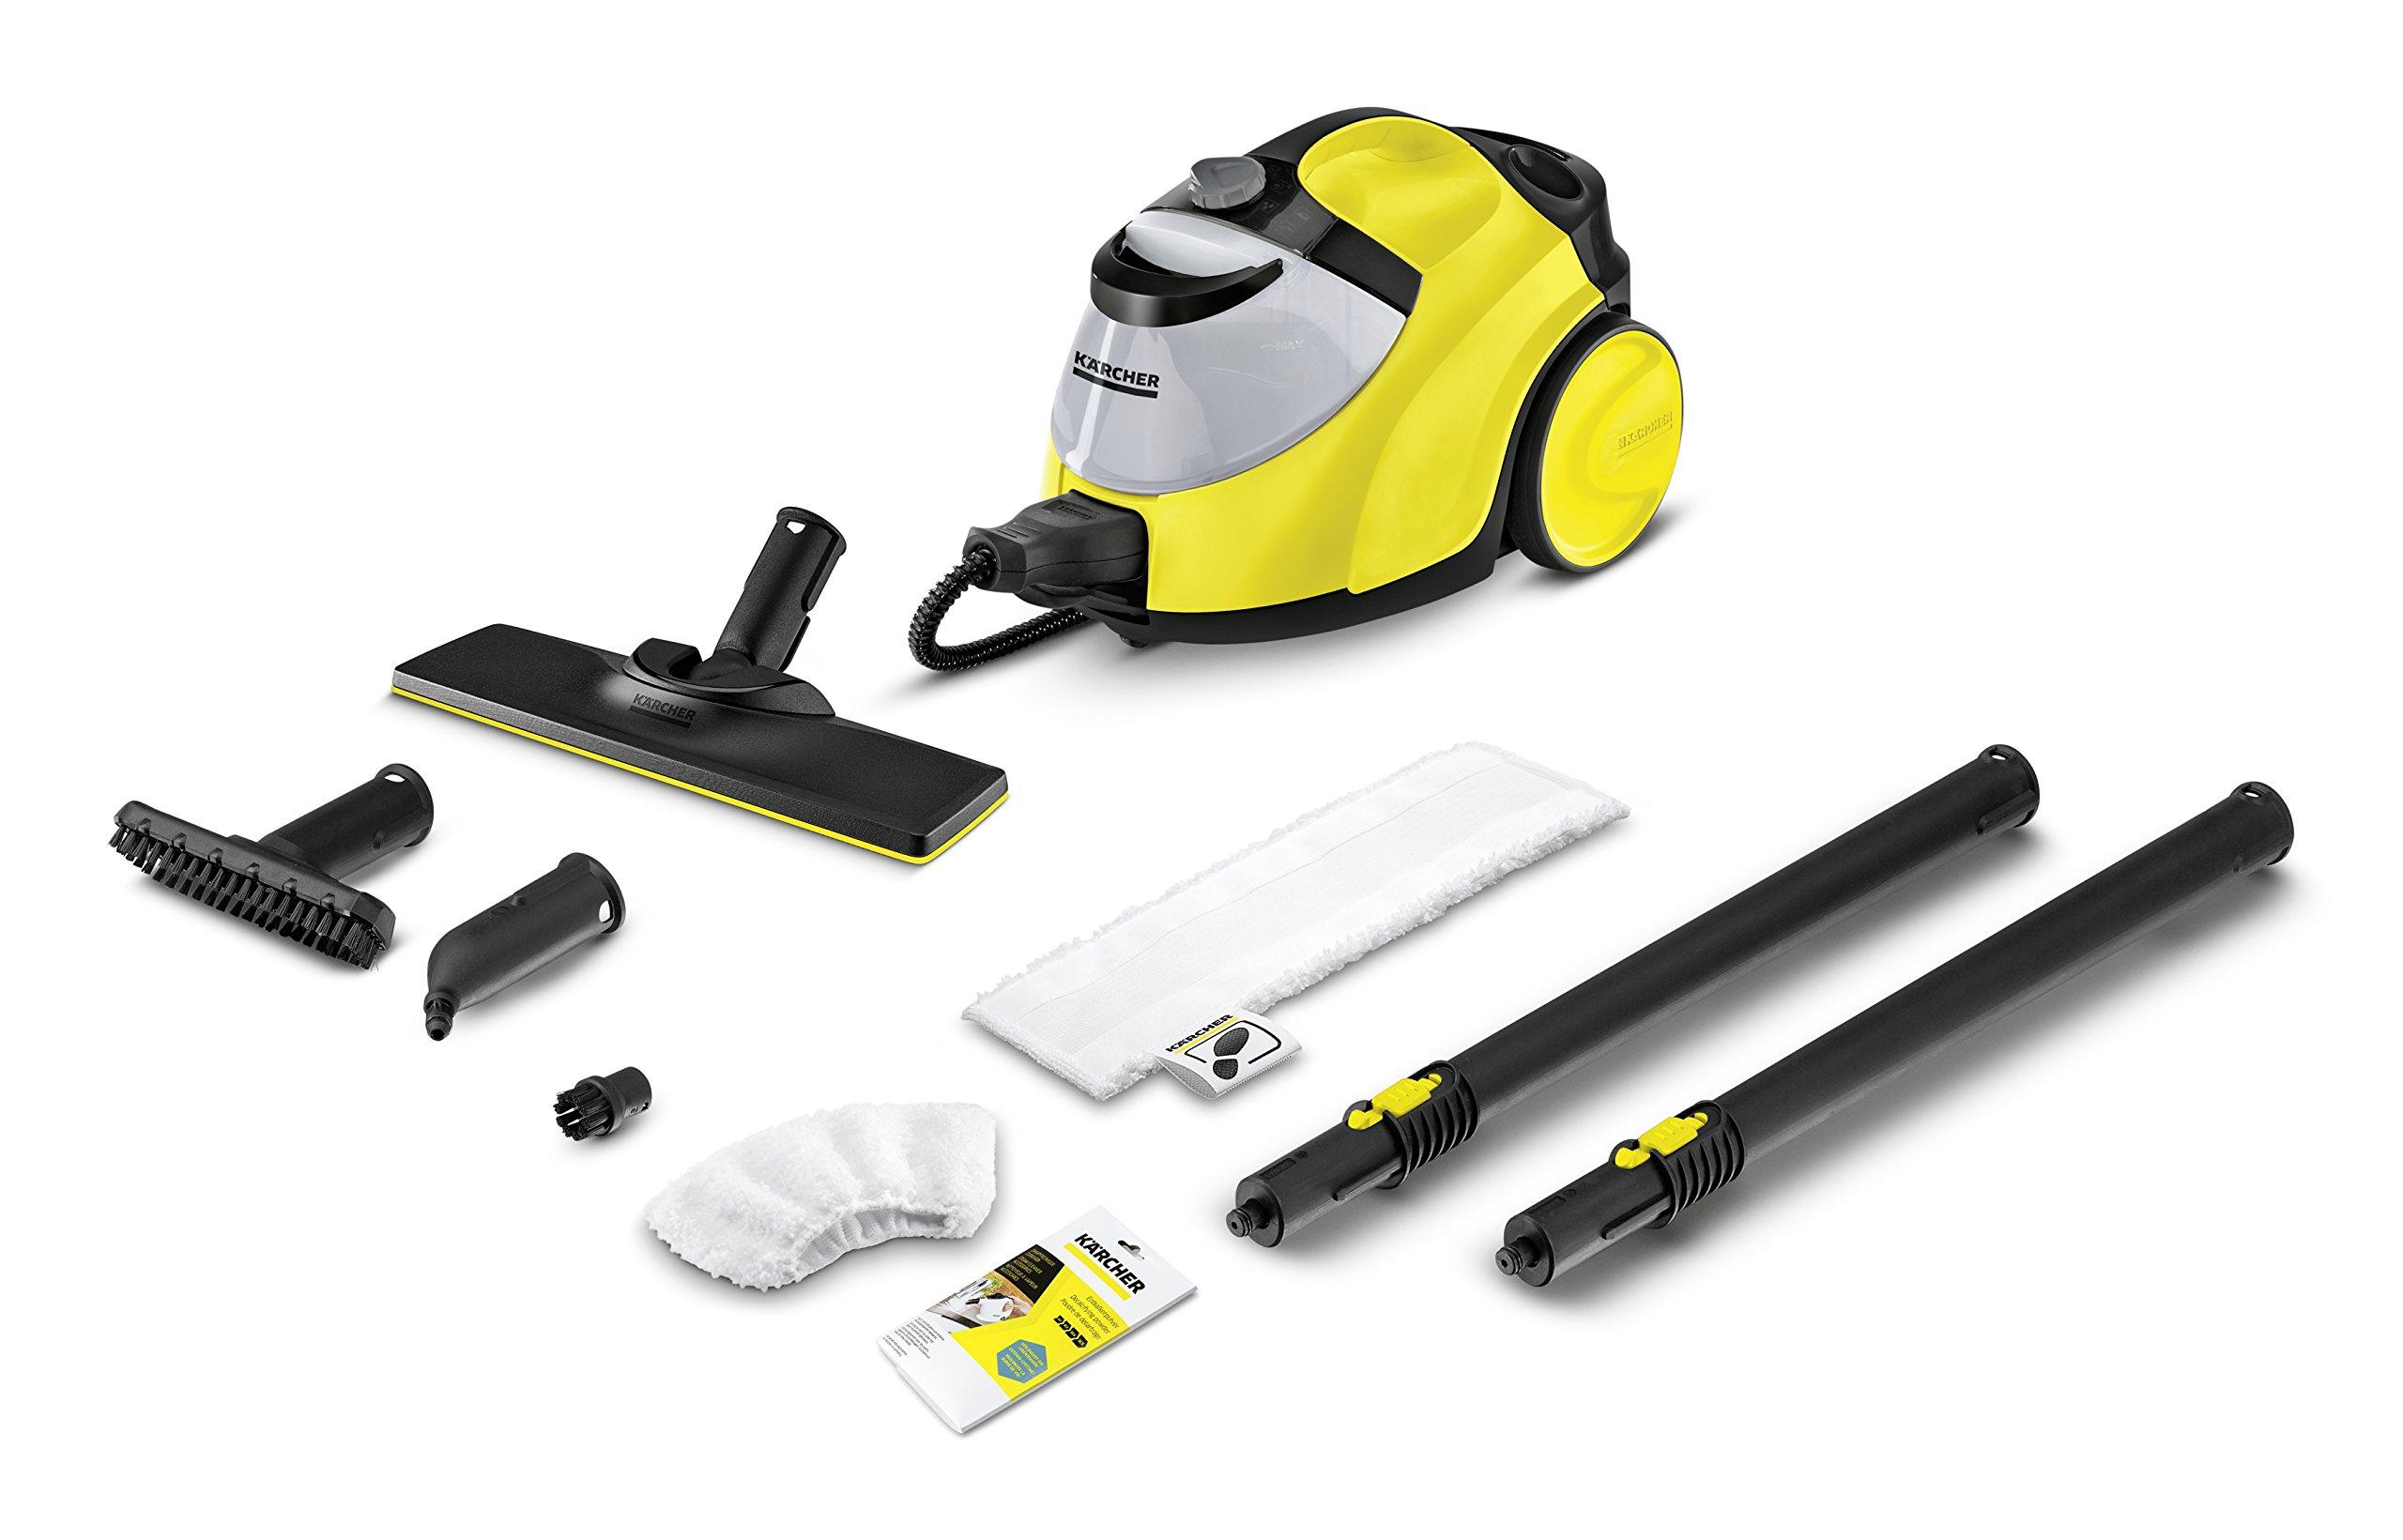 Kärcher Limpiadora de Vapor Manual SC 5 EasyFix (1.512-530.0), 2200 W: Amazon.es: Bricolaje y herramientas